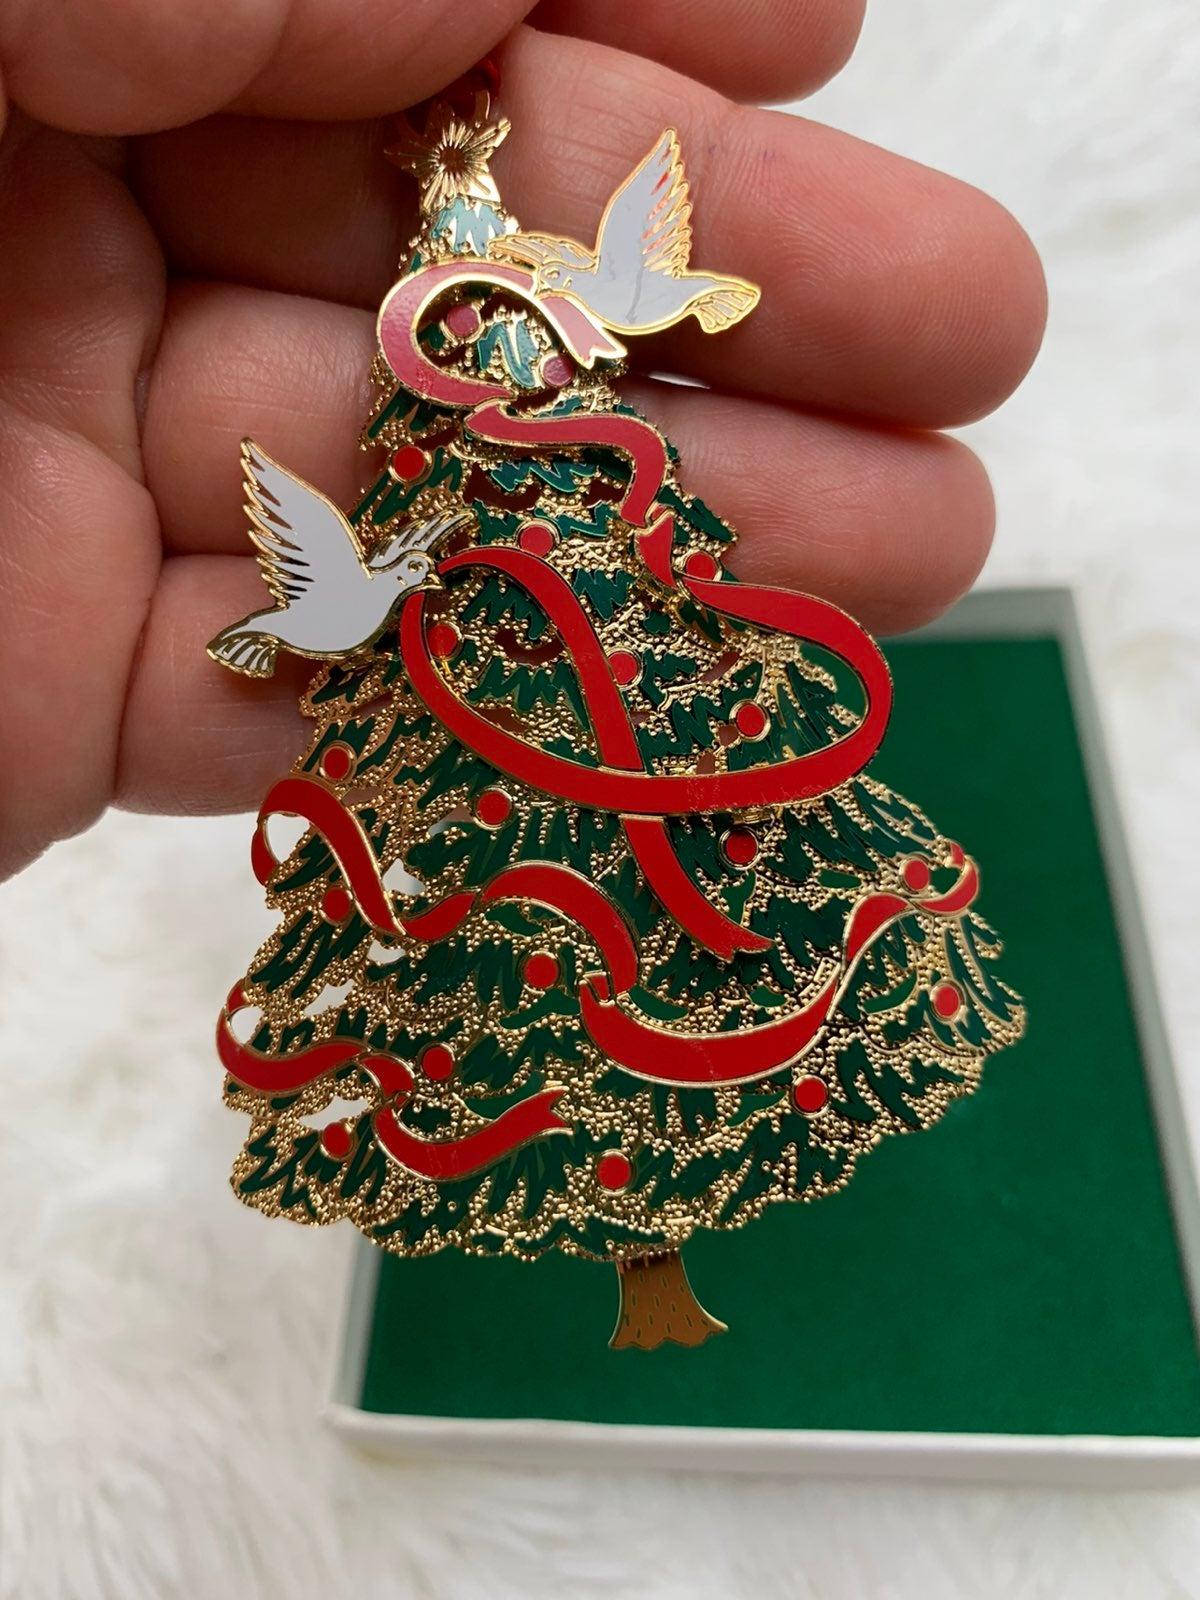 Christmas Ornament with Box ~ Christmas